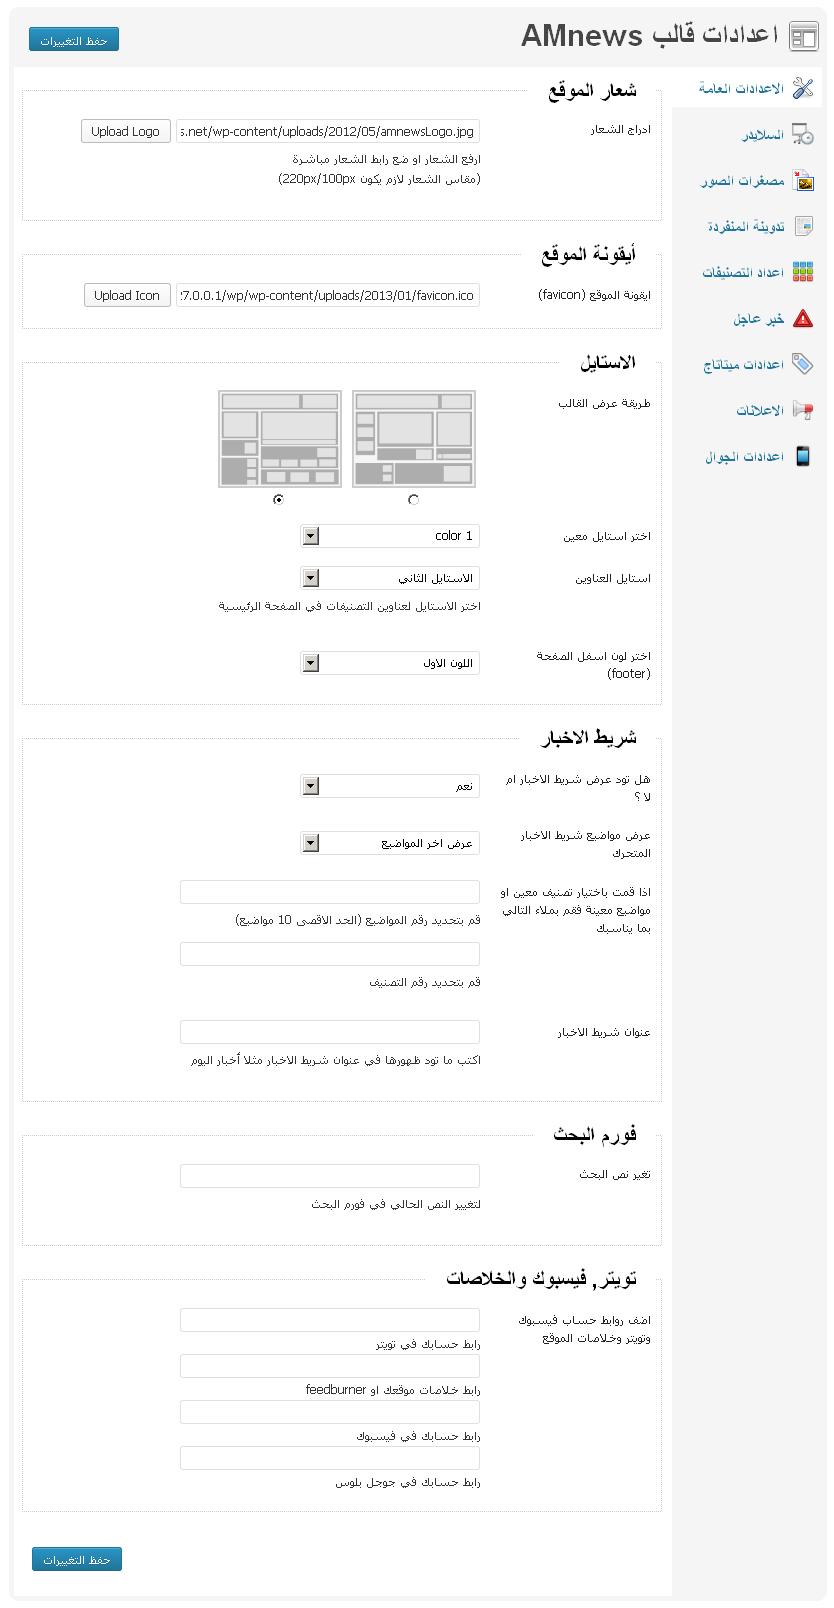 amnews-general-settings